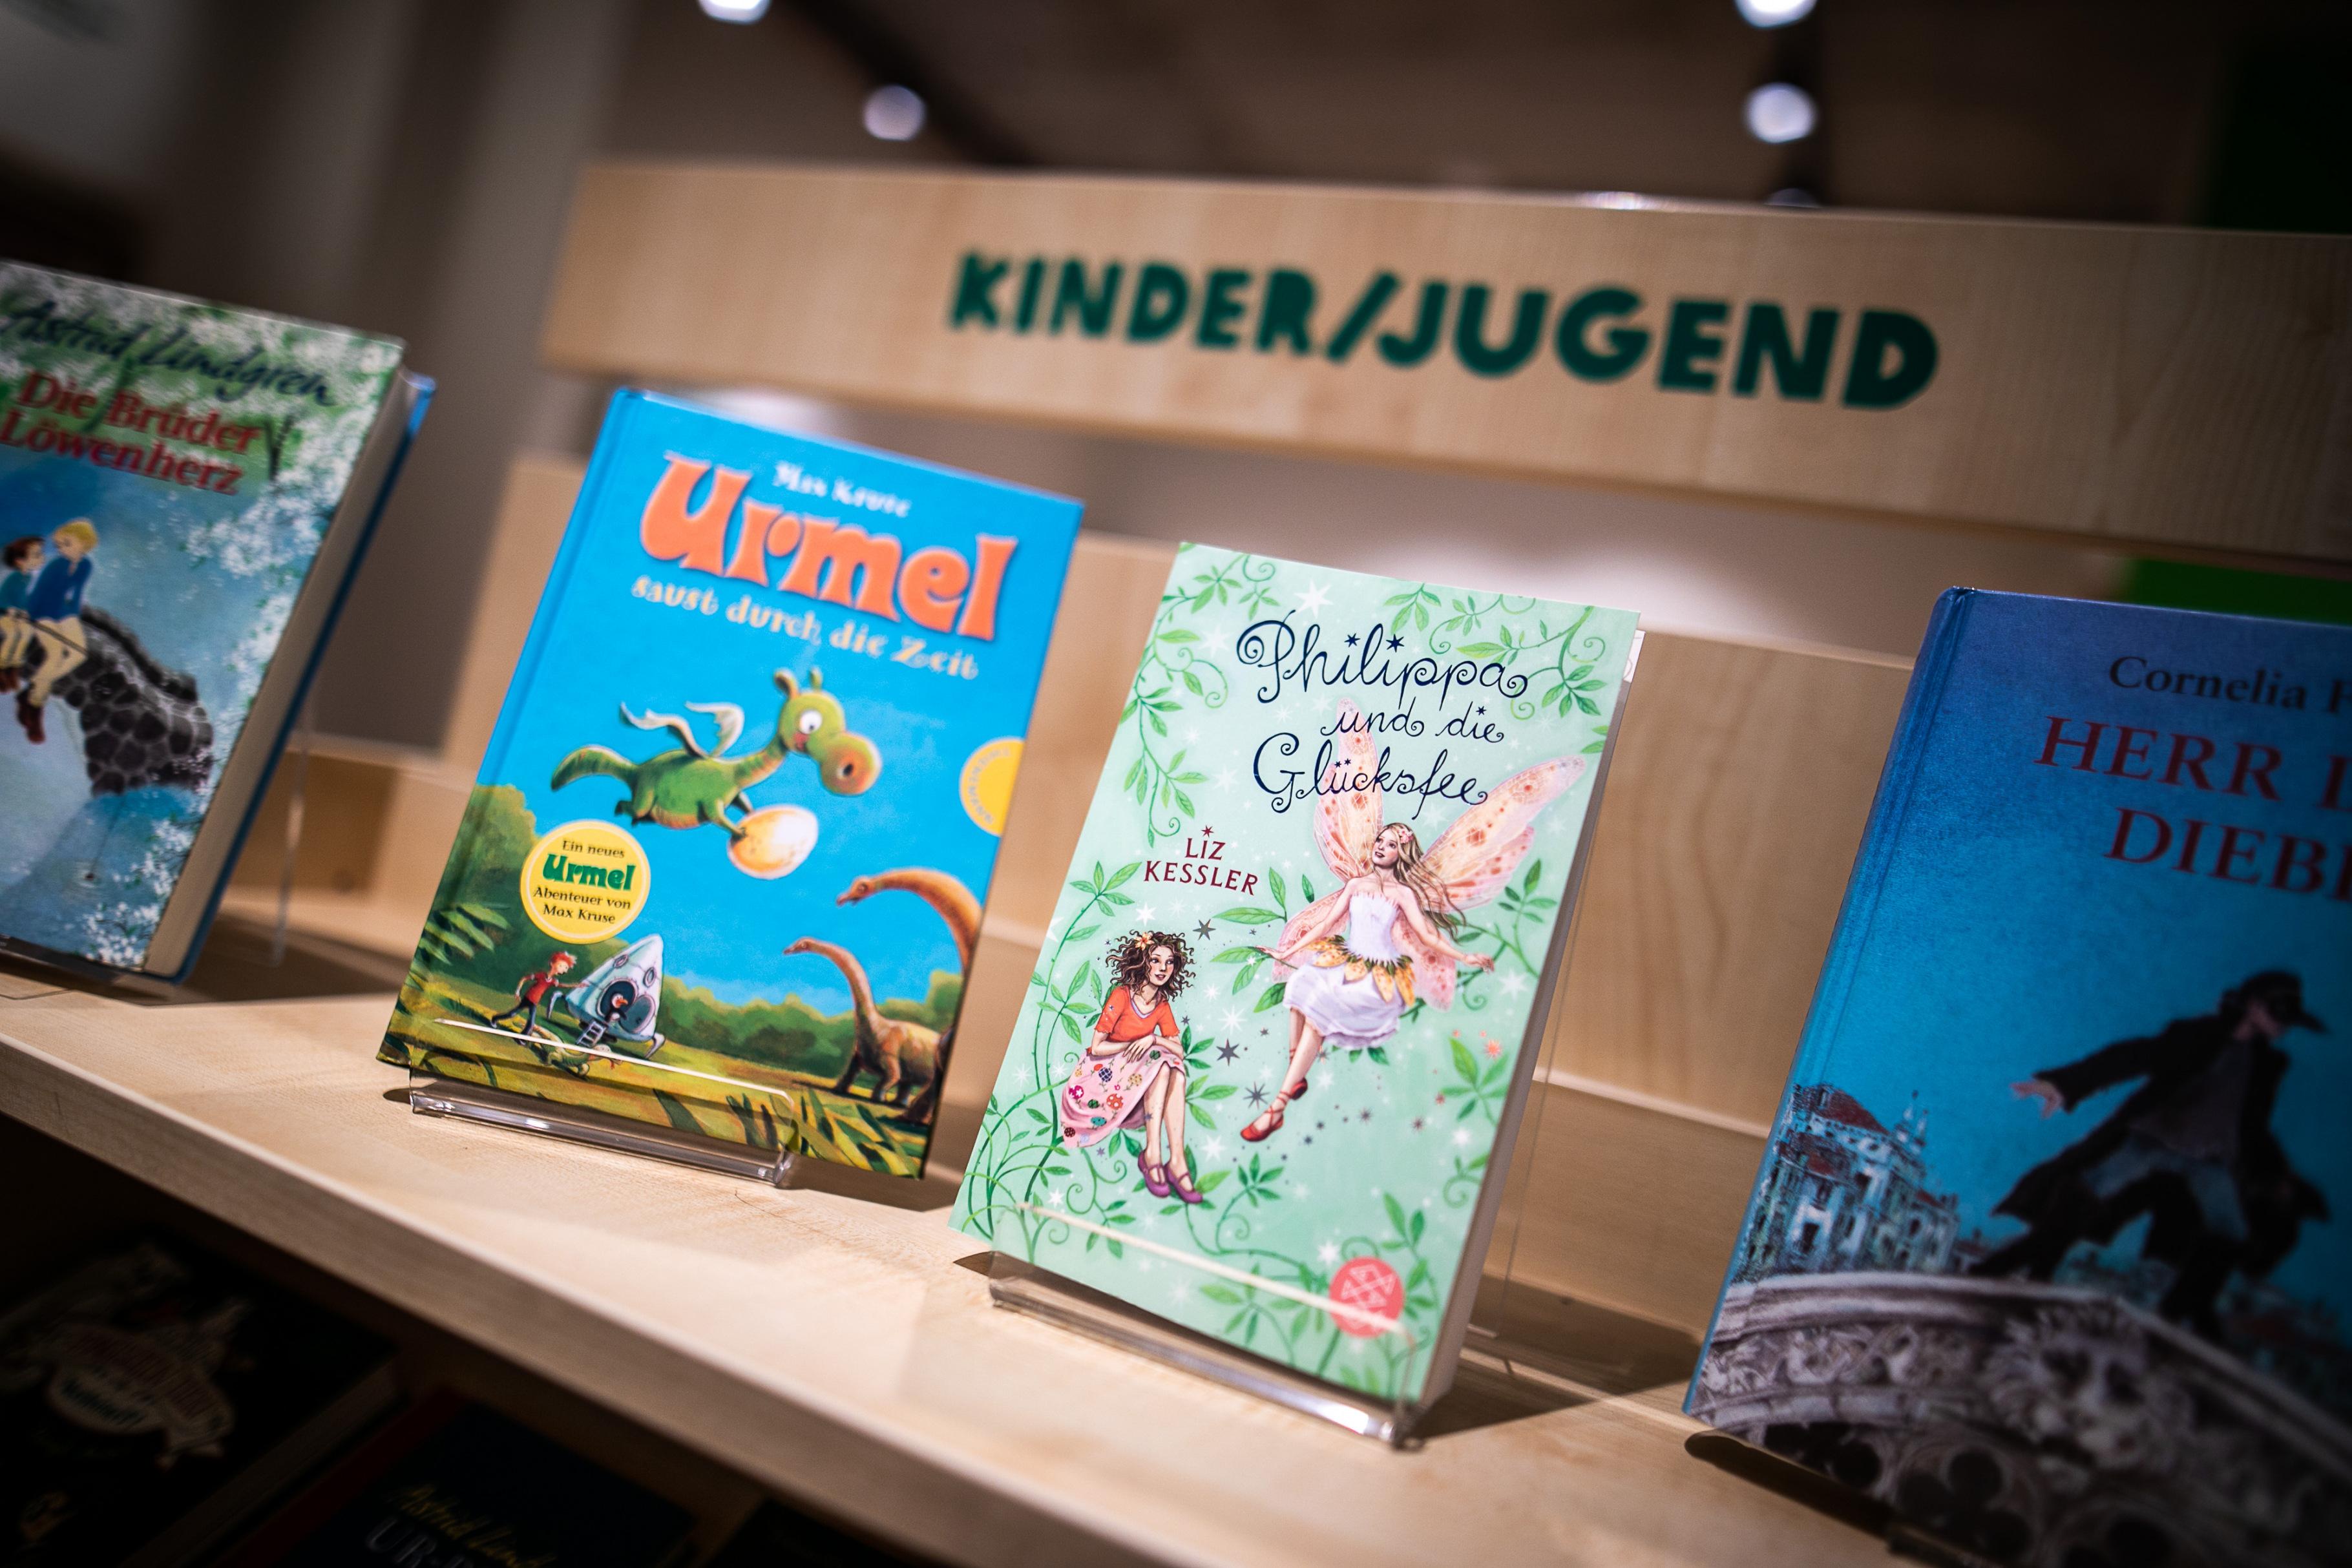 Einige Kinder- und Jugendbücher stehen im Regal des Oxfam Buchshops Berlin